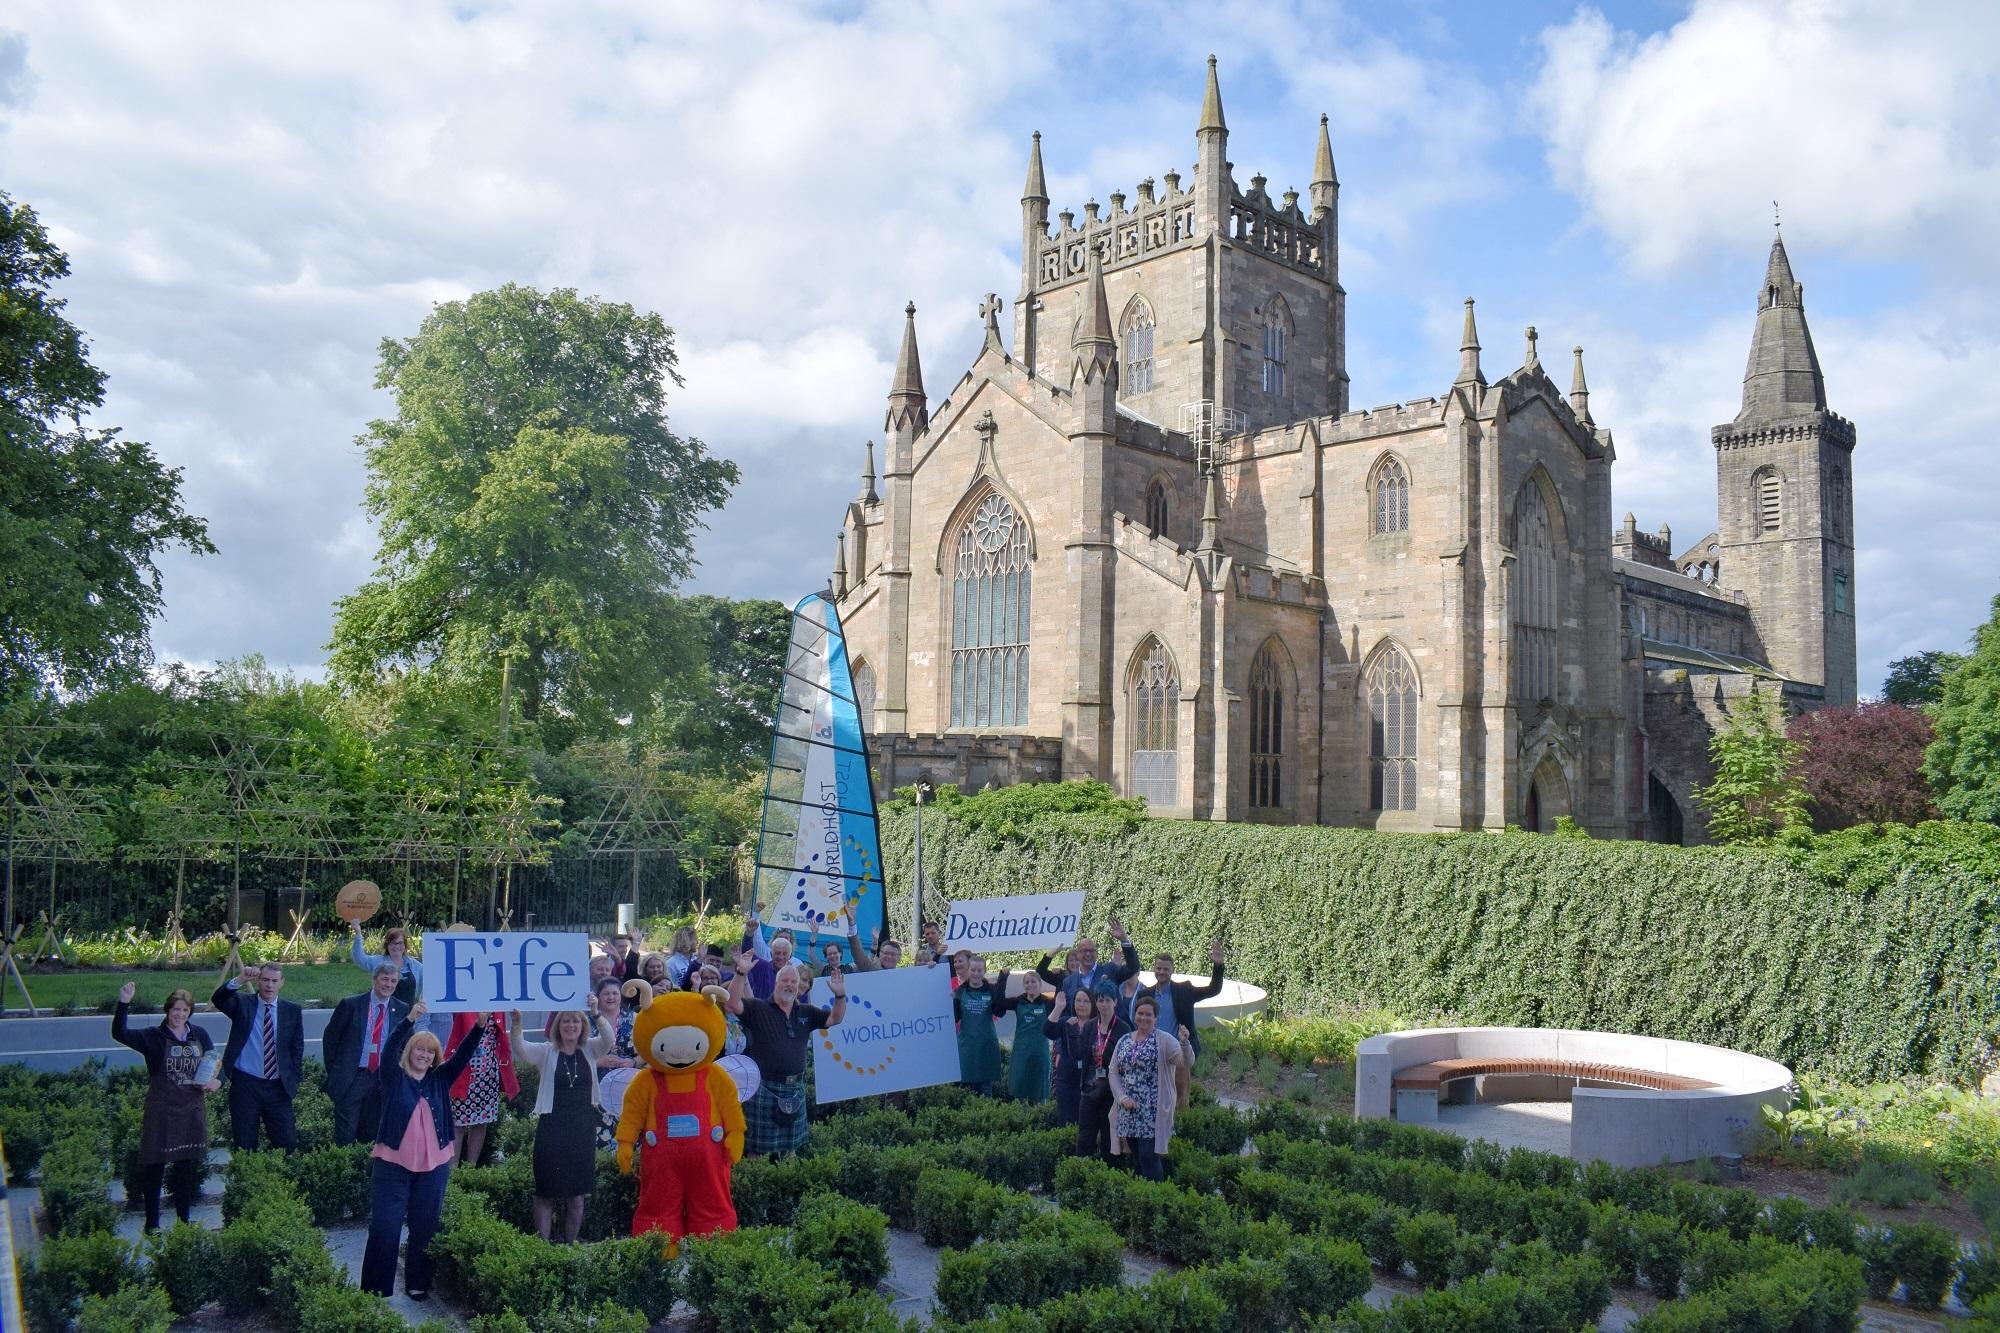 Fife Cultural Trust staff help celebrate the achievement